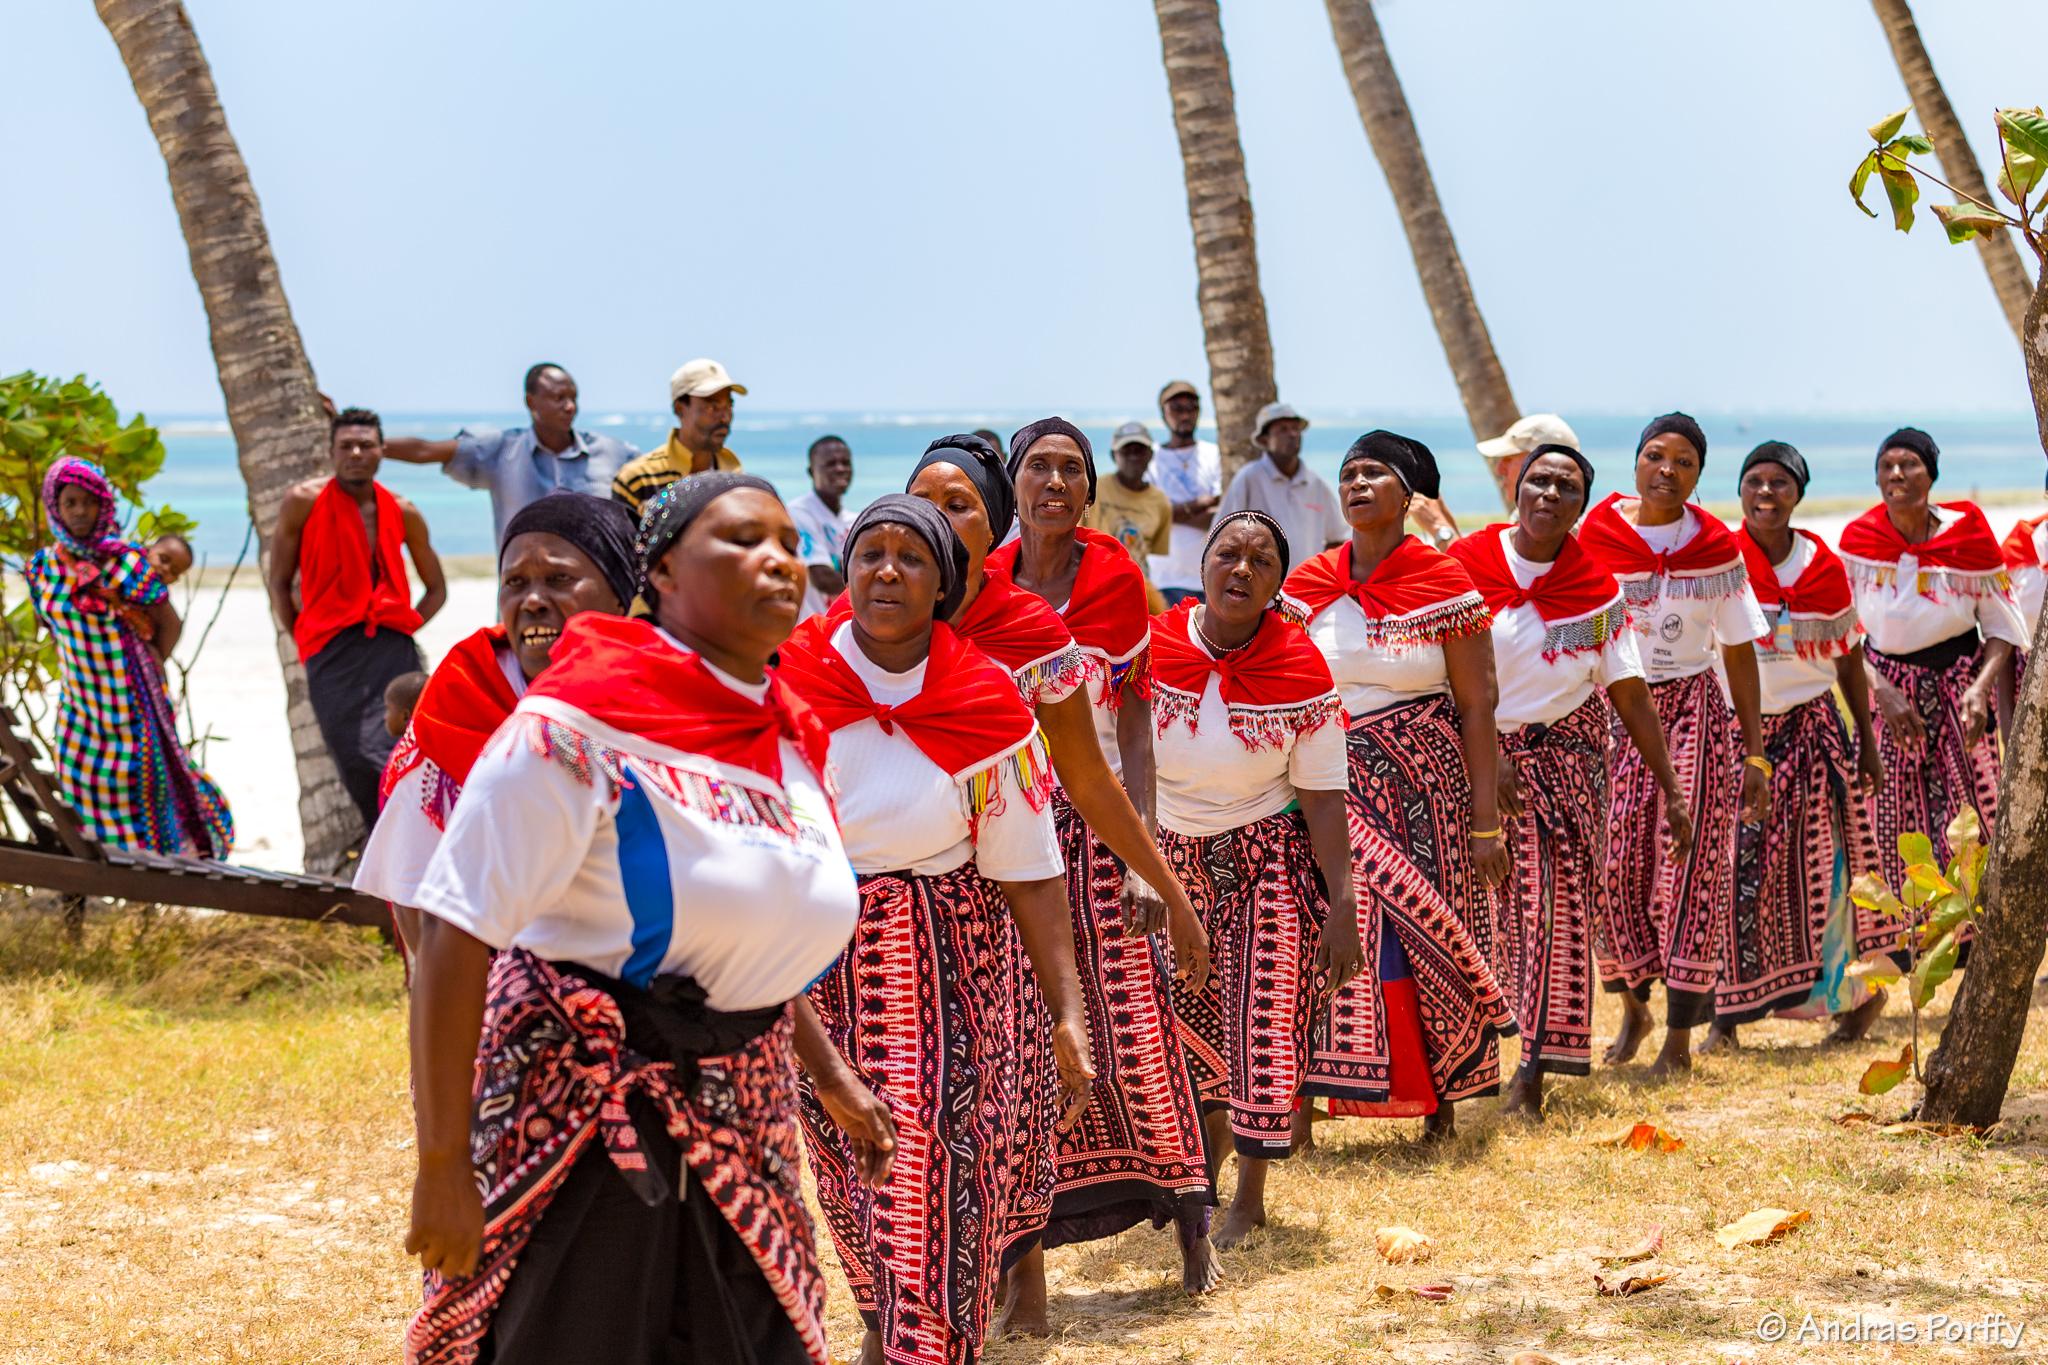 Women dancing at Diani regatta kenya